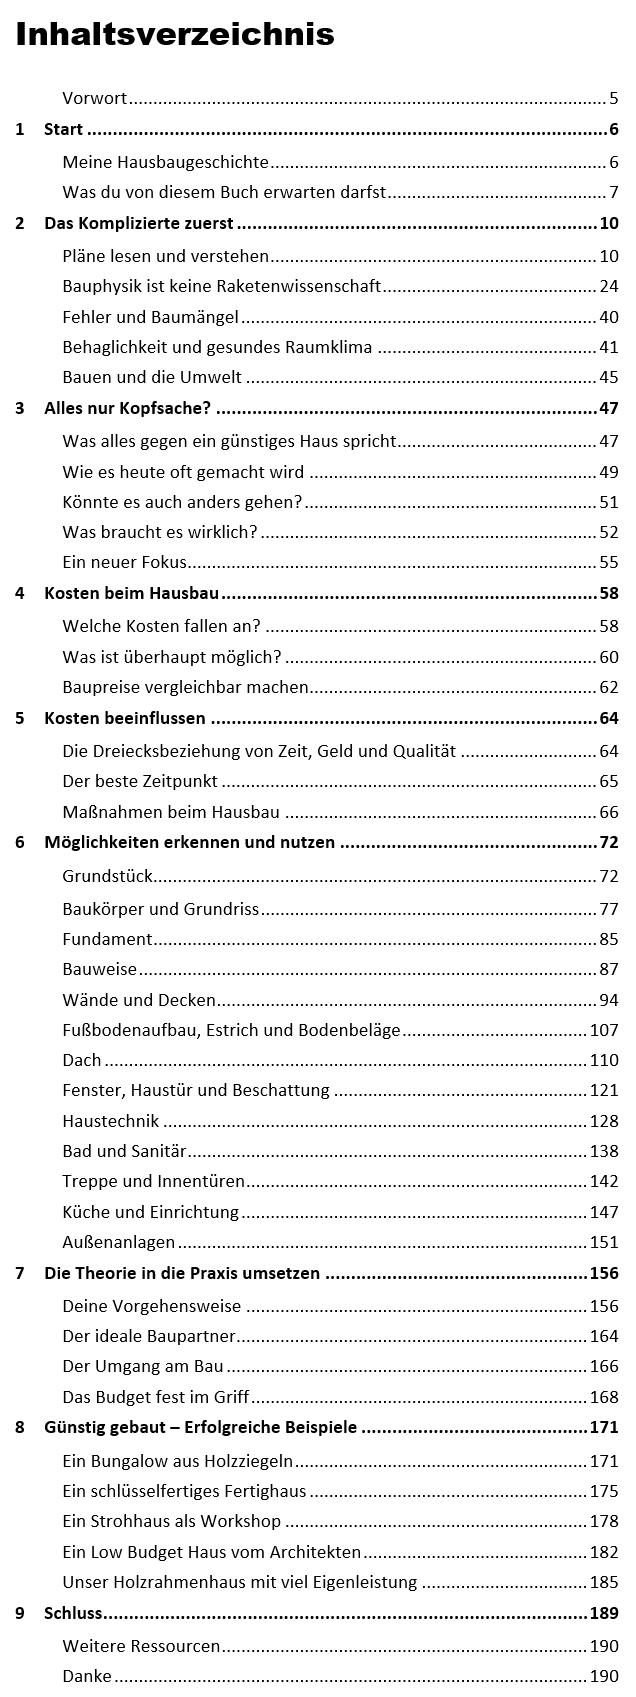 Inhaltsverzeichnis vom Bau-Einfach Handbuch